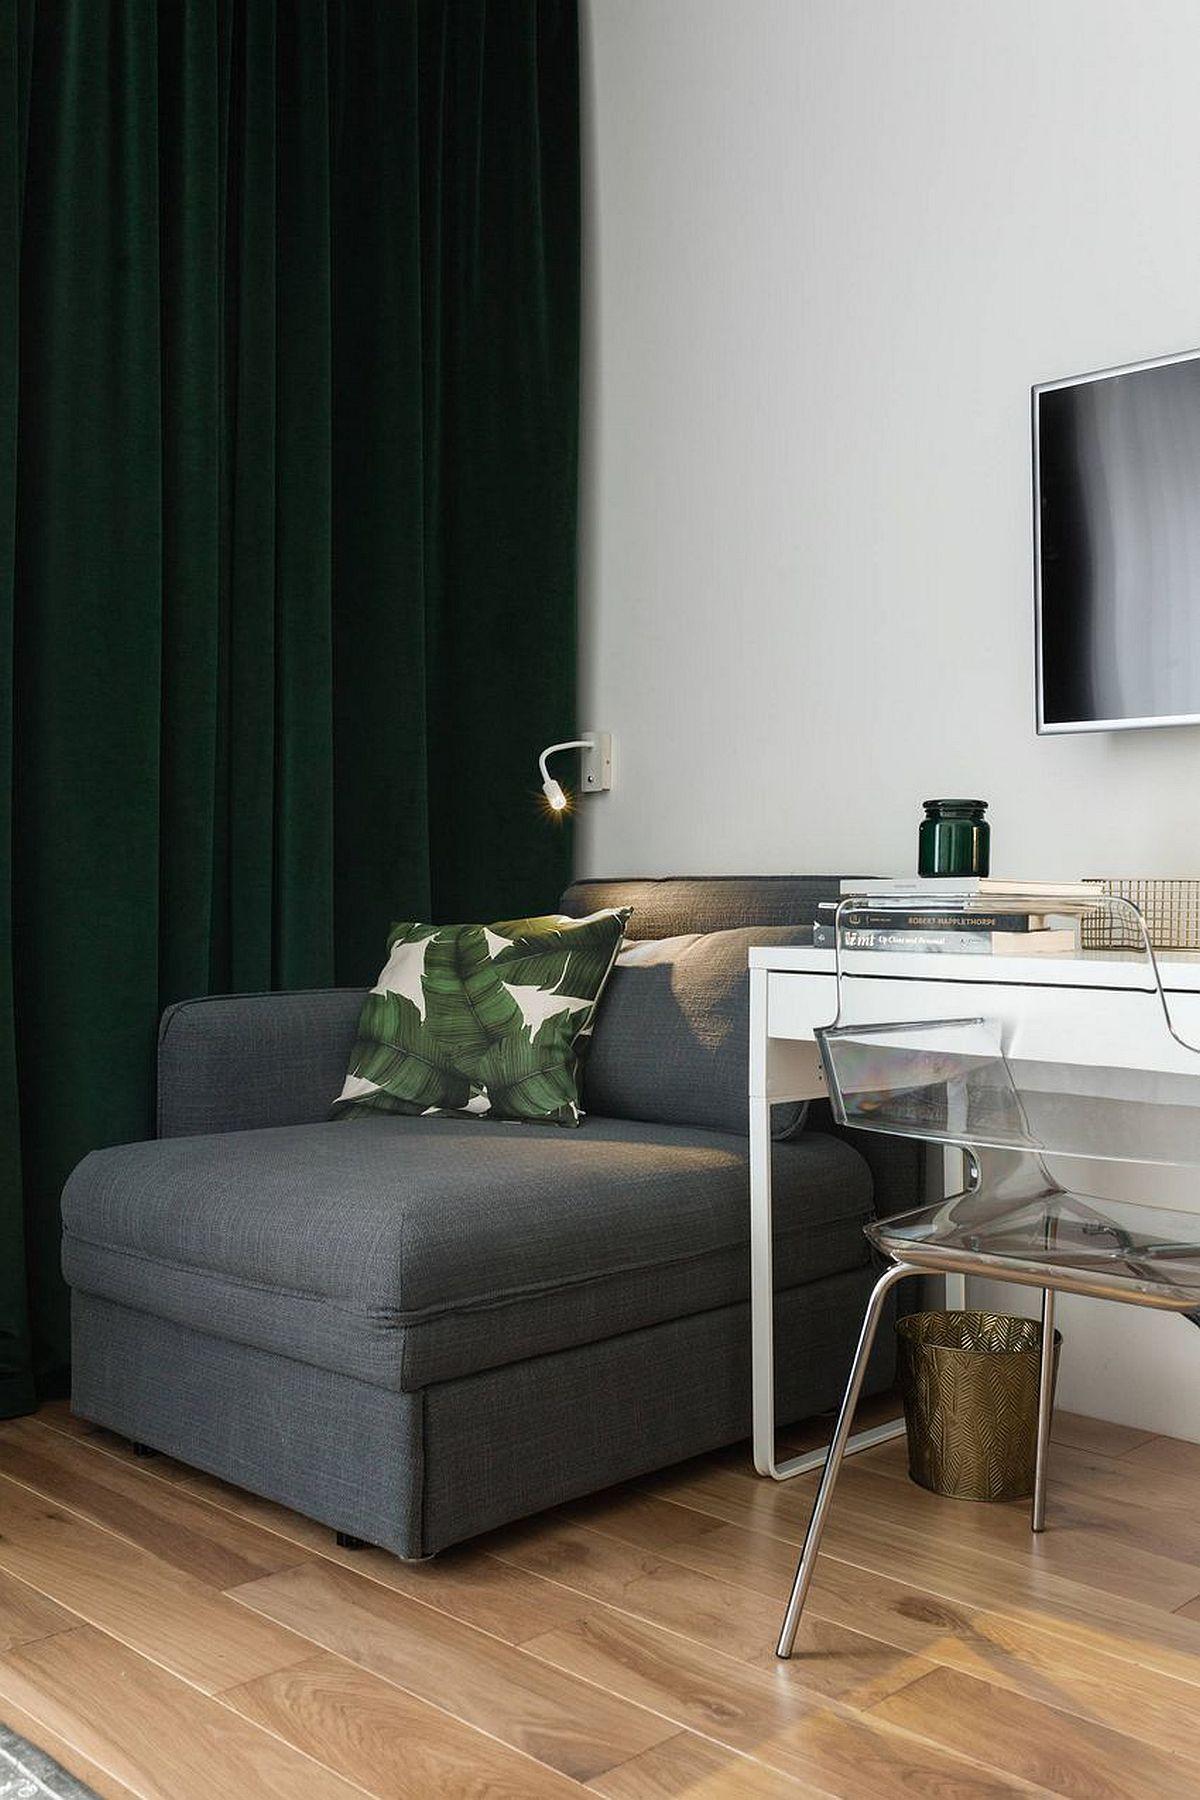 Deși proprietarul a spus că-și dorelte o canapea pentru un extra loc de dormit atunci când îi vin rude sau prieteni, arhitectul l-a convins că suprafața locuinței nu permite așa ceva. Compromisul făcut a fost alegerea unui fotoliu extensibil de la IKEA, care să nu încarce spațiul, dar care să poată fi folosit zilnic și de către proprietar.